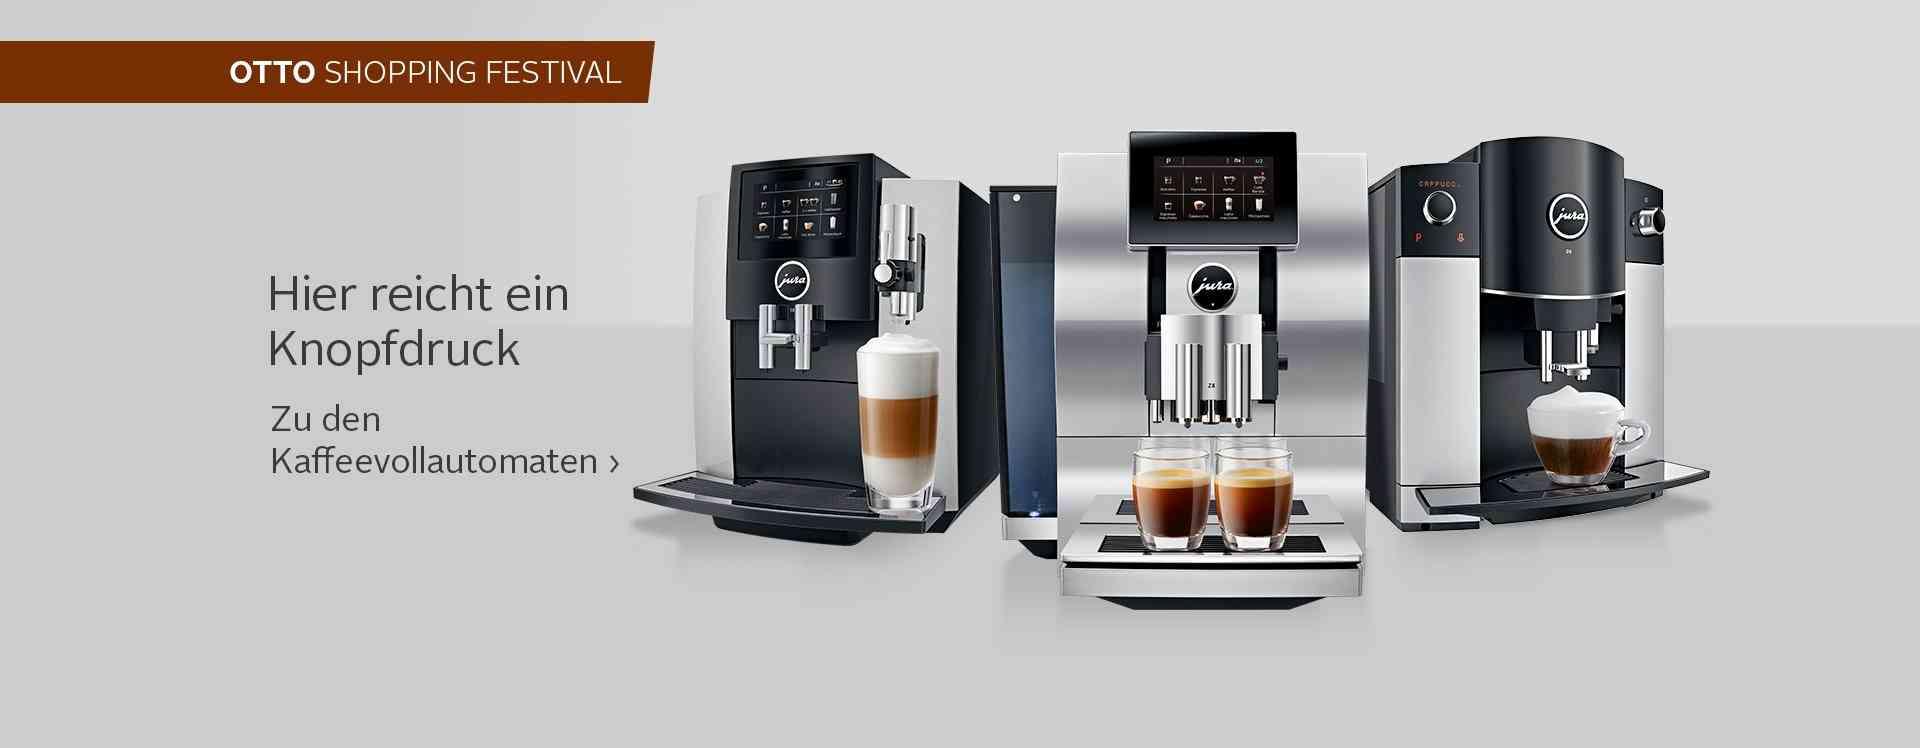 kaffeemaschine online kaufen kaffee espresso otto. Black Bedroom Furniture Sets. Home Design Ideas